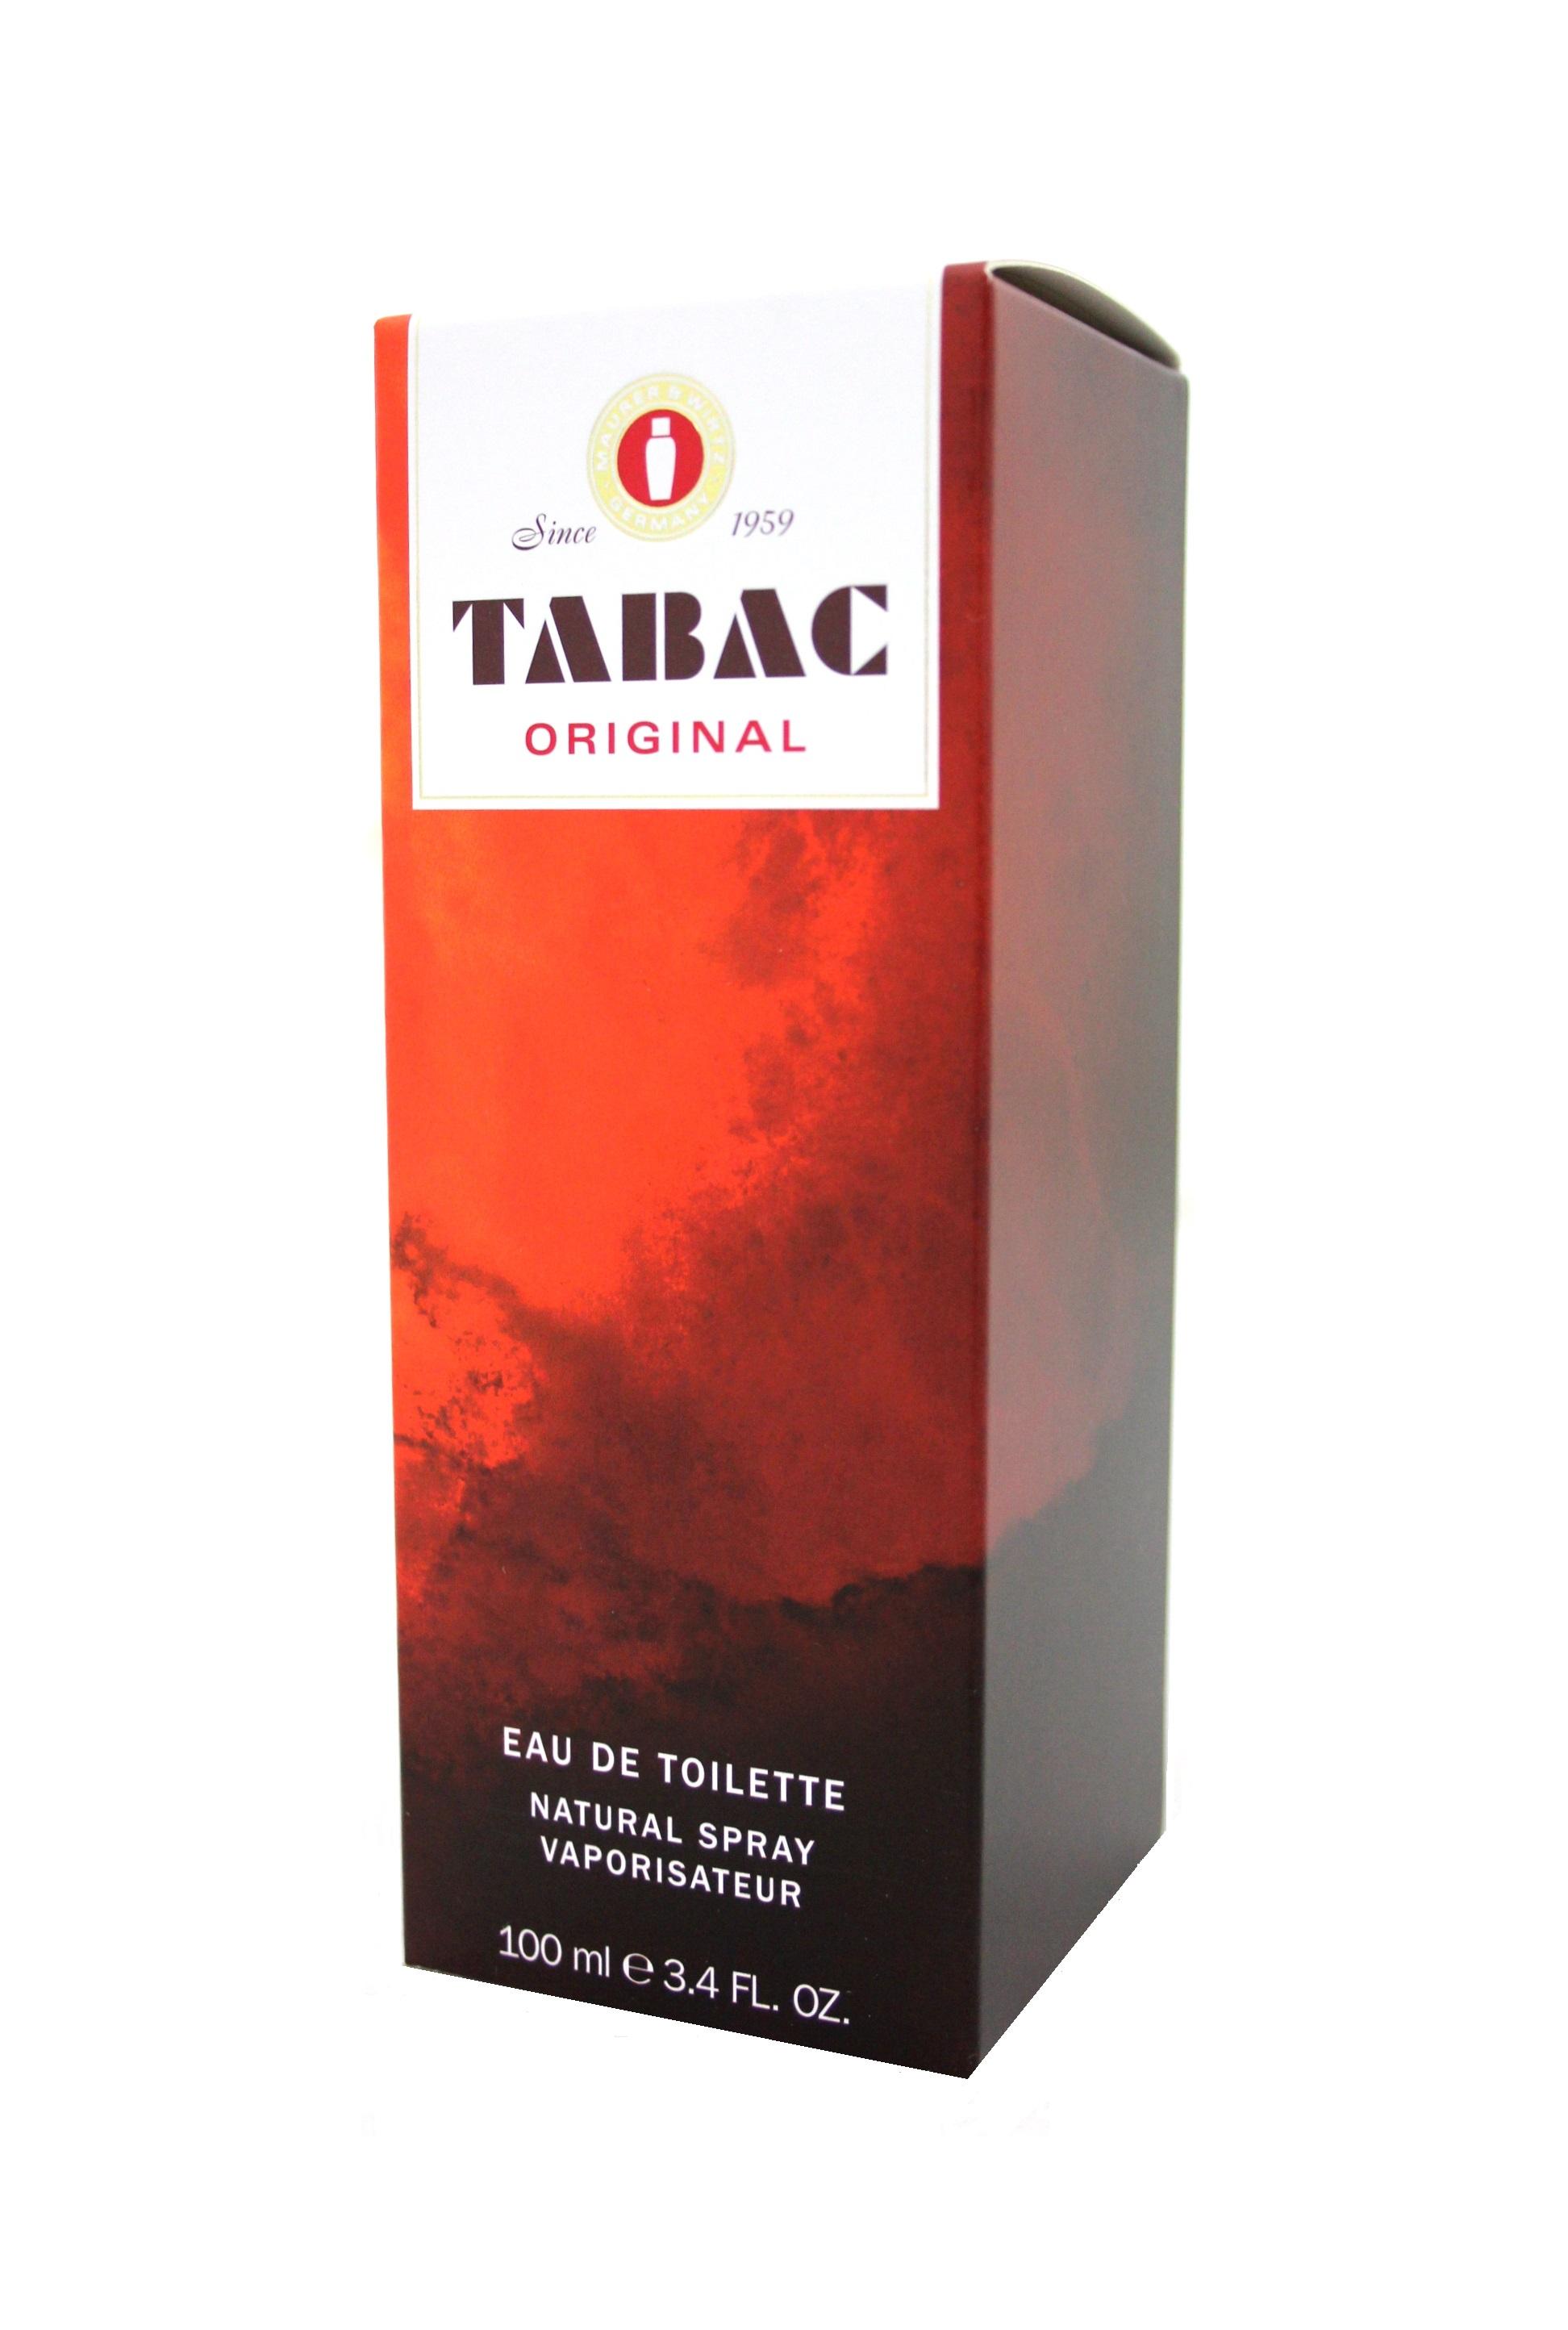 Maurer & Wirtz Tabac Eau De Toilette